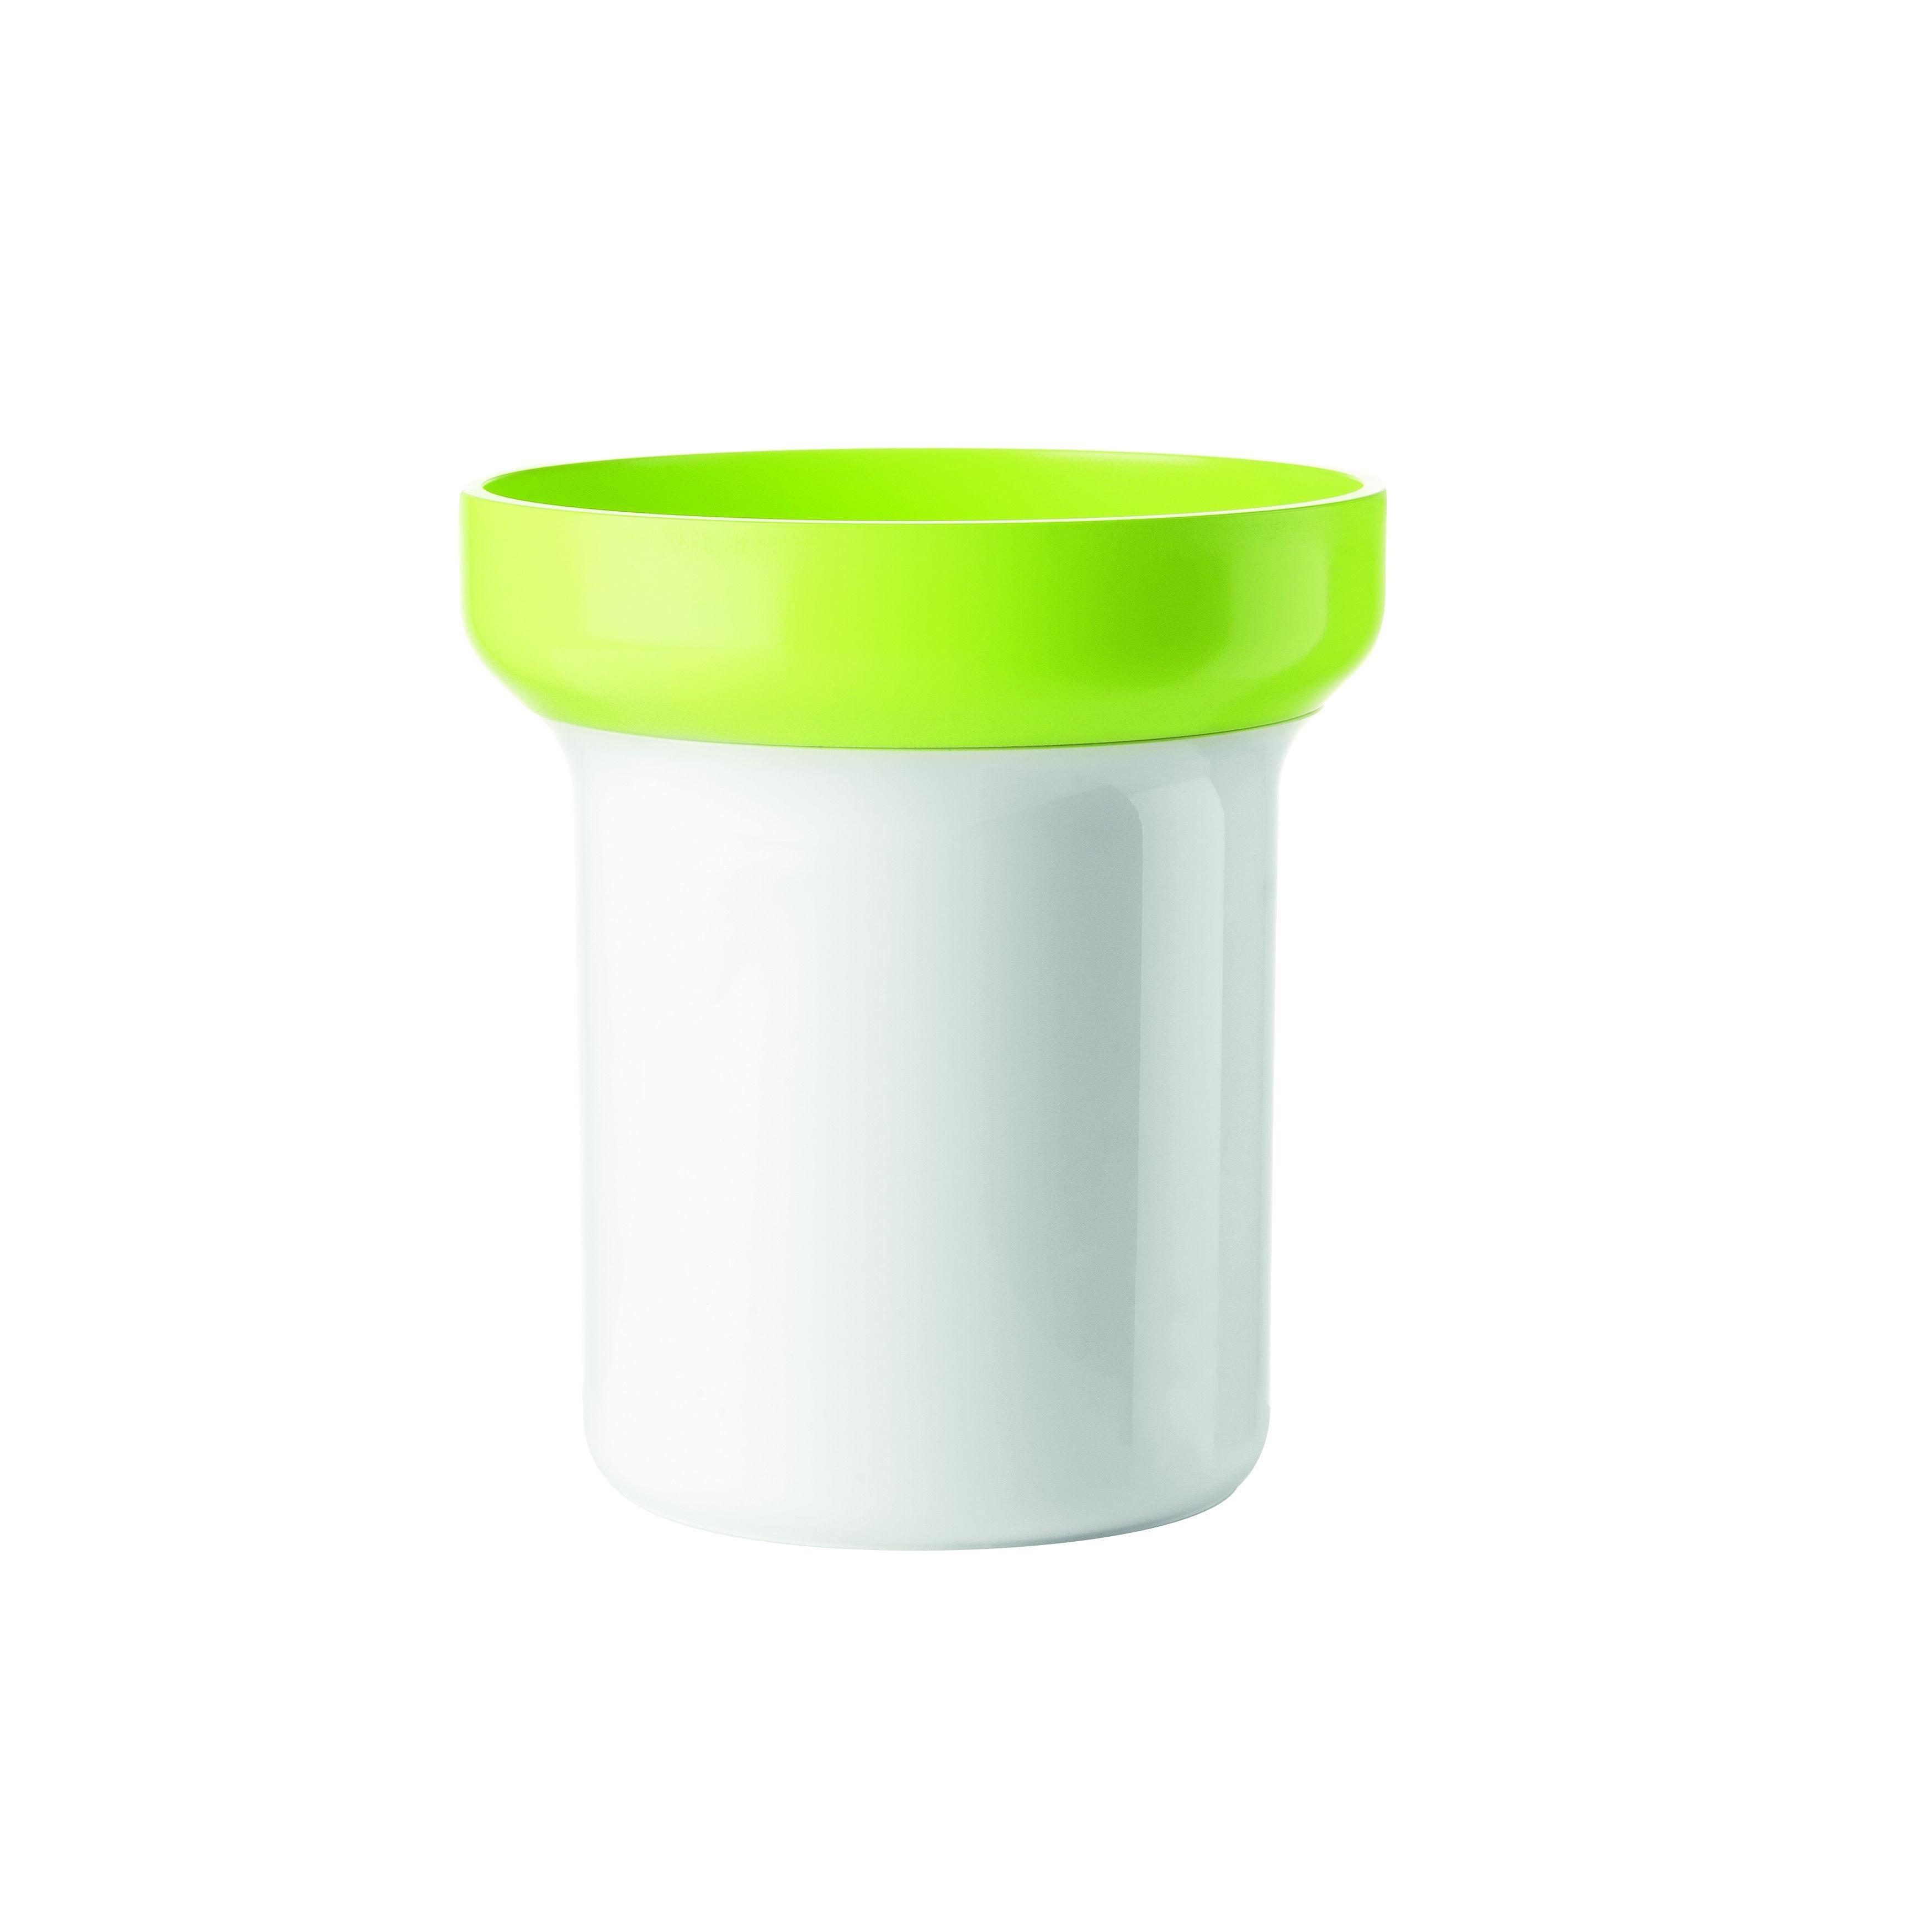 Подставка для столовых приборов MY KITCHEN зеленаяПодставка для столовых приборов Май китчен, выполненная из прочного и экологически безопасного пластика, - незаменимая вещь для хранения вилок, ложек и ножей. Изделие выполнено в современном стильном дизайне и органично впишется в любой кухонный интерьер. Подставка Май китчен не занимает много места на столе, неприхотлива в уходе и допускает очищение в посудомоечной машине. Изделие произведено в Италии.<br>